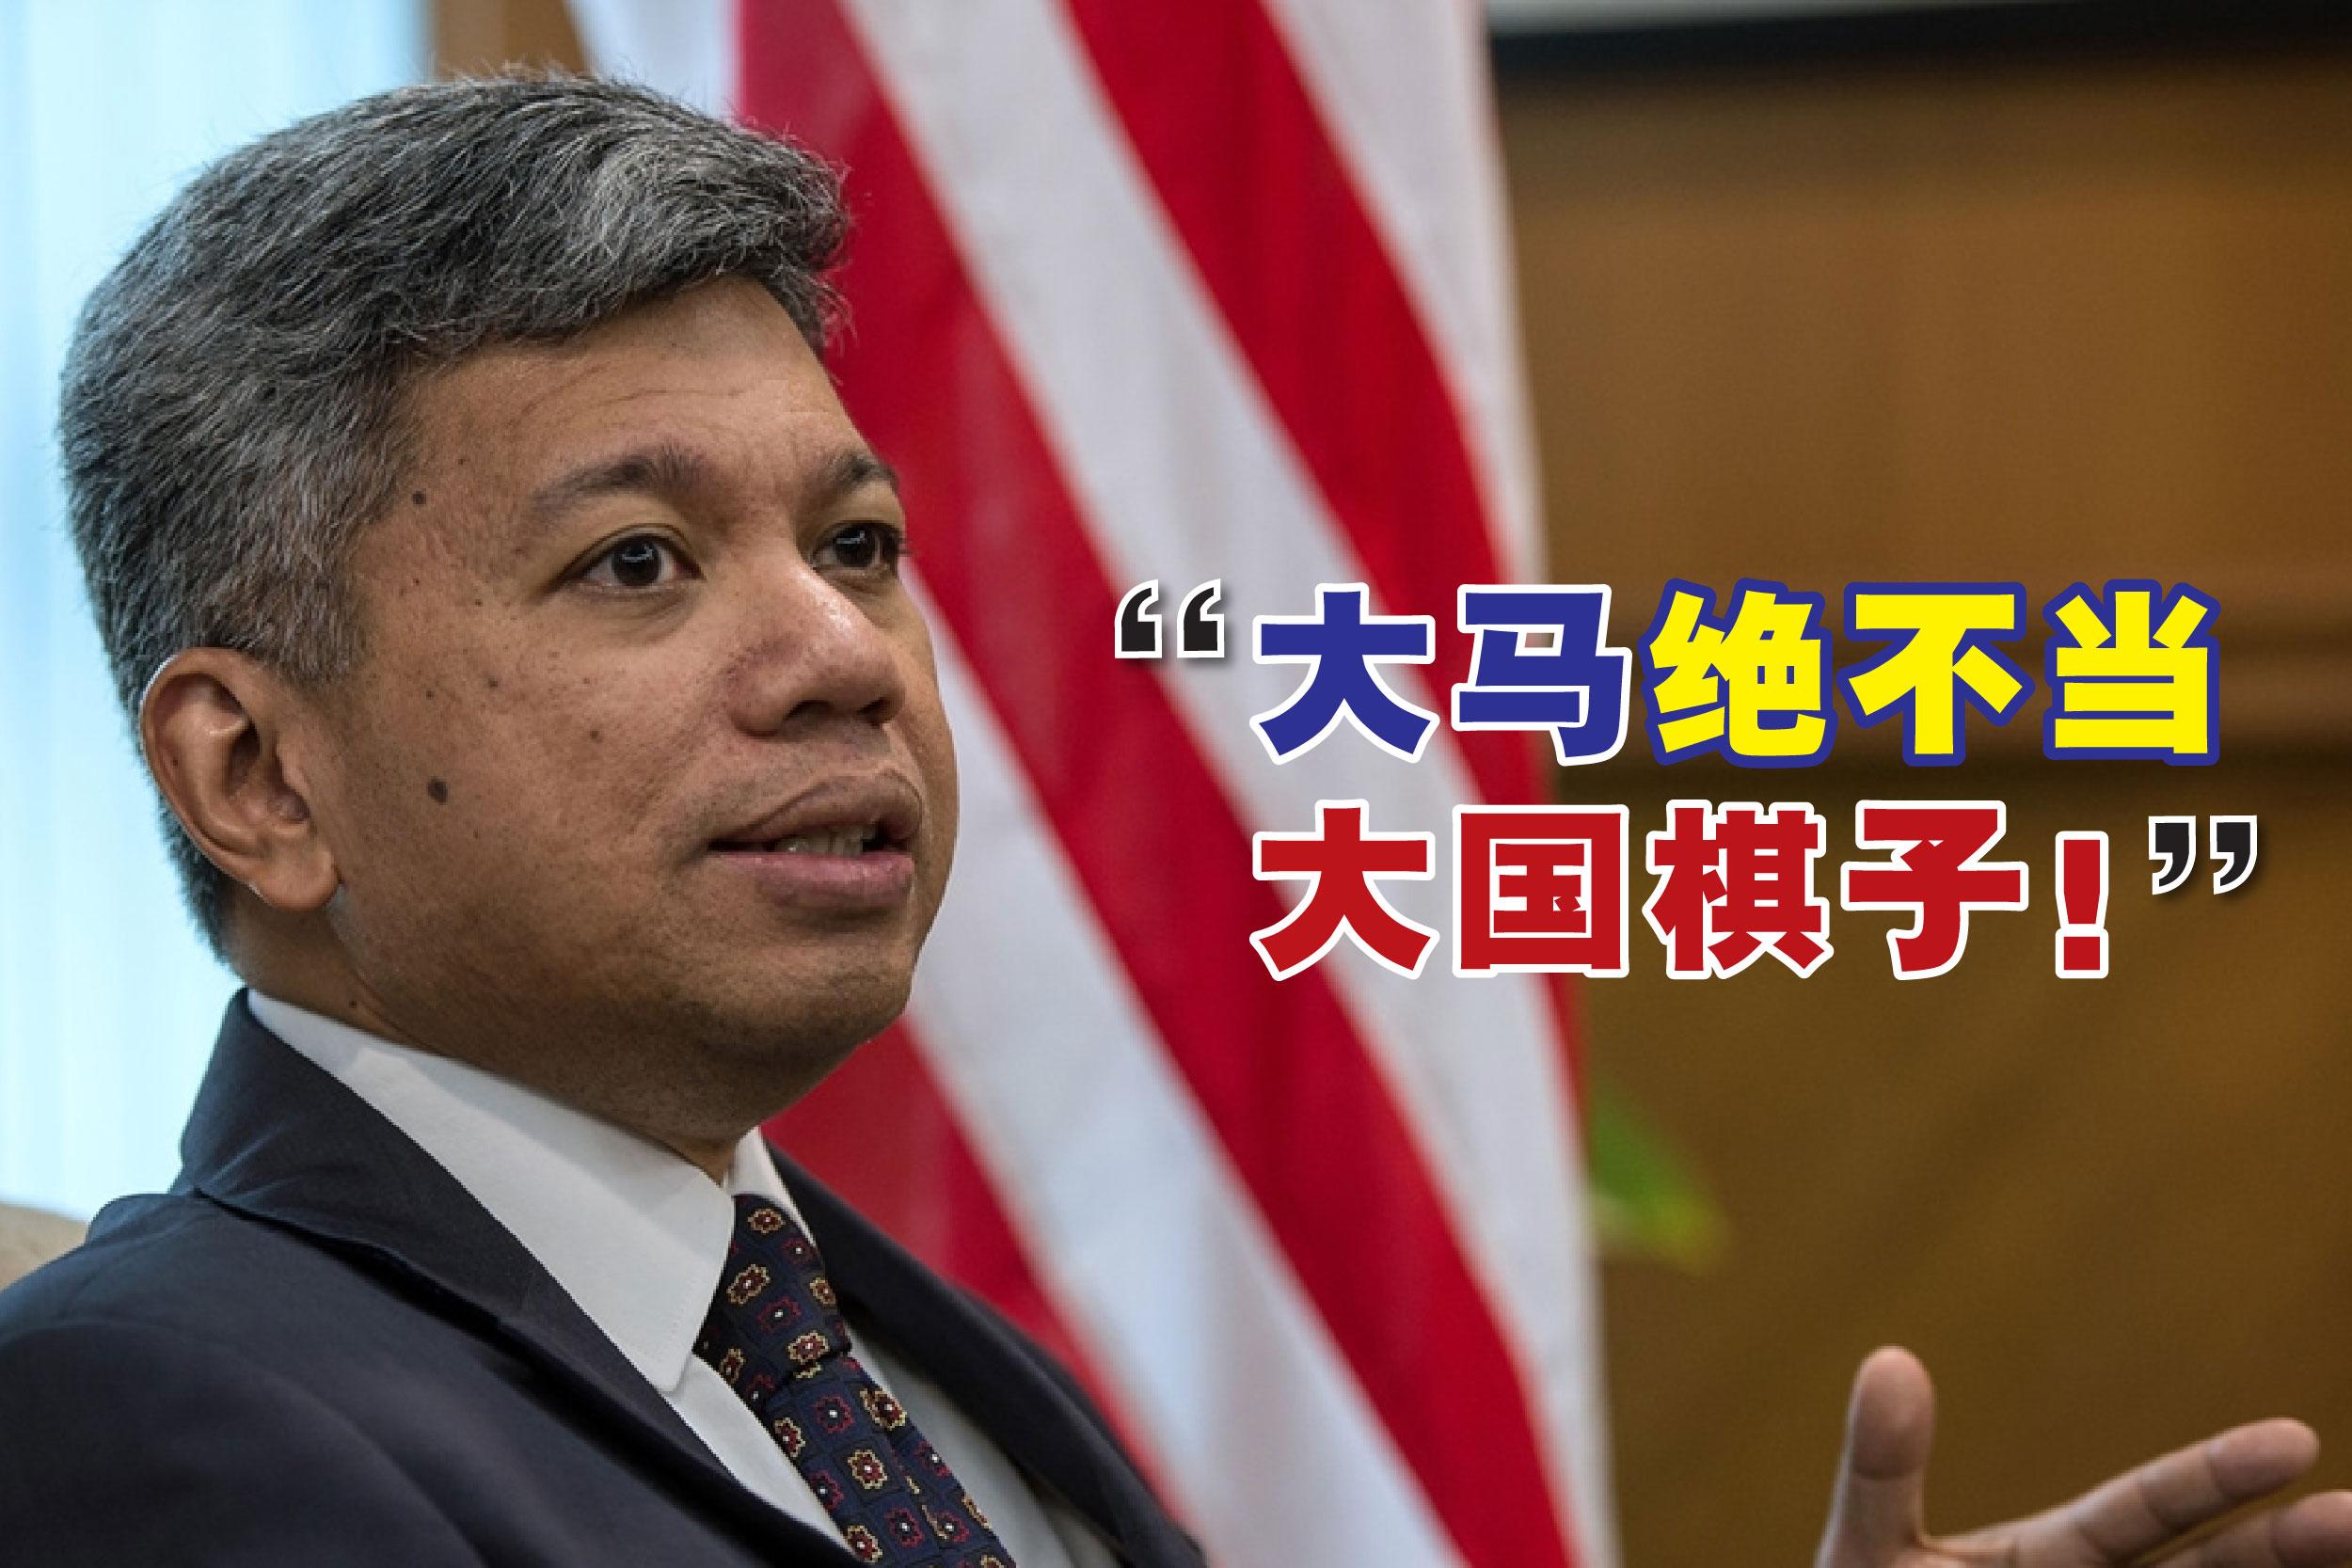 诺希万表示,我国不会在南海问题上,跟随美国制裁中国企业的立场。-马新社,精彩大马制图-